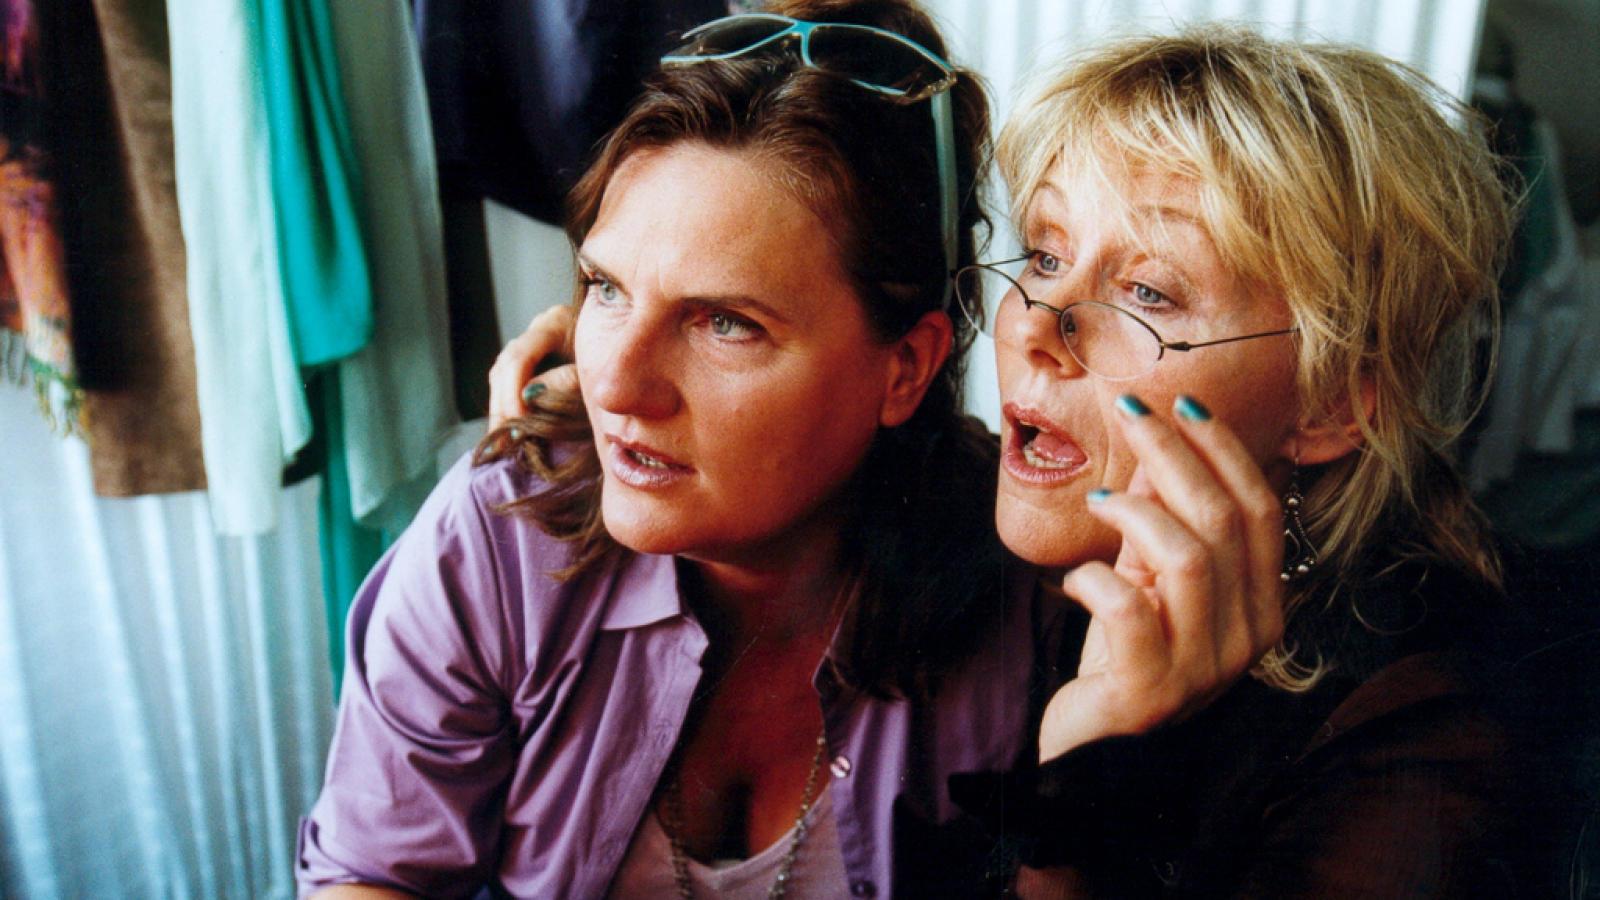 Jannie Faurschou and Tina Gylling Mortensen in Små ulykker (2002)